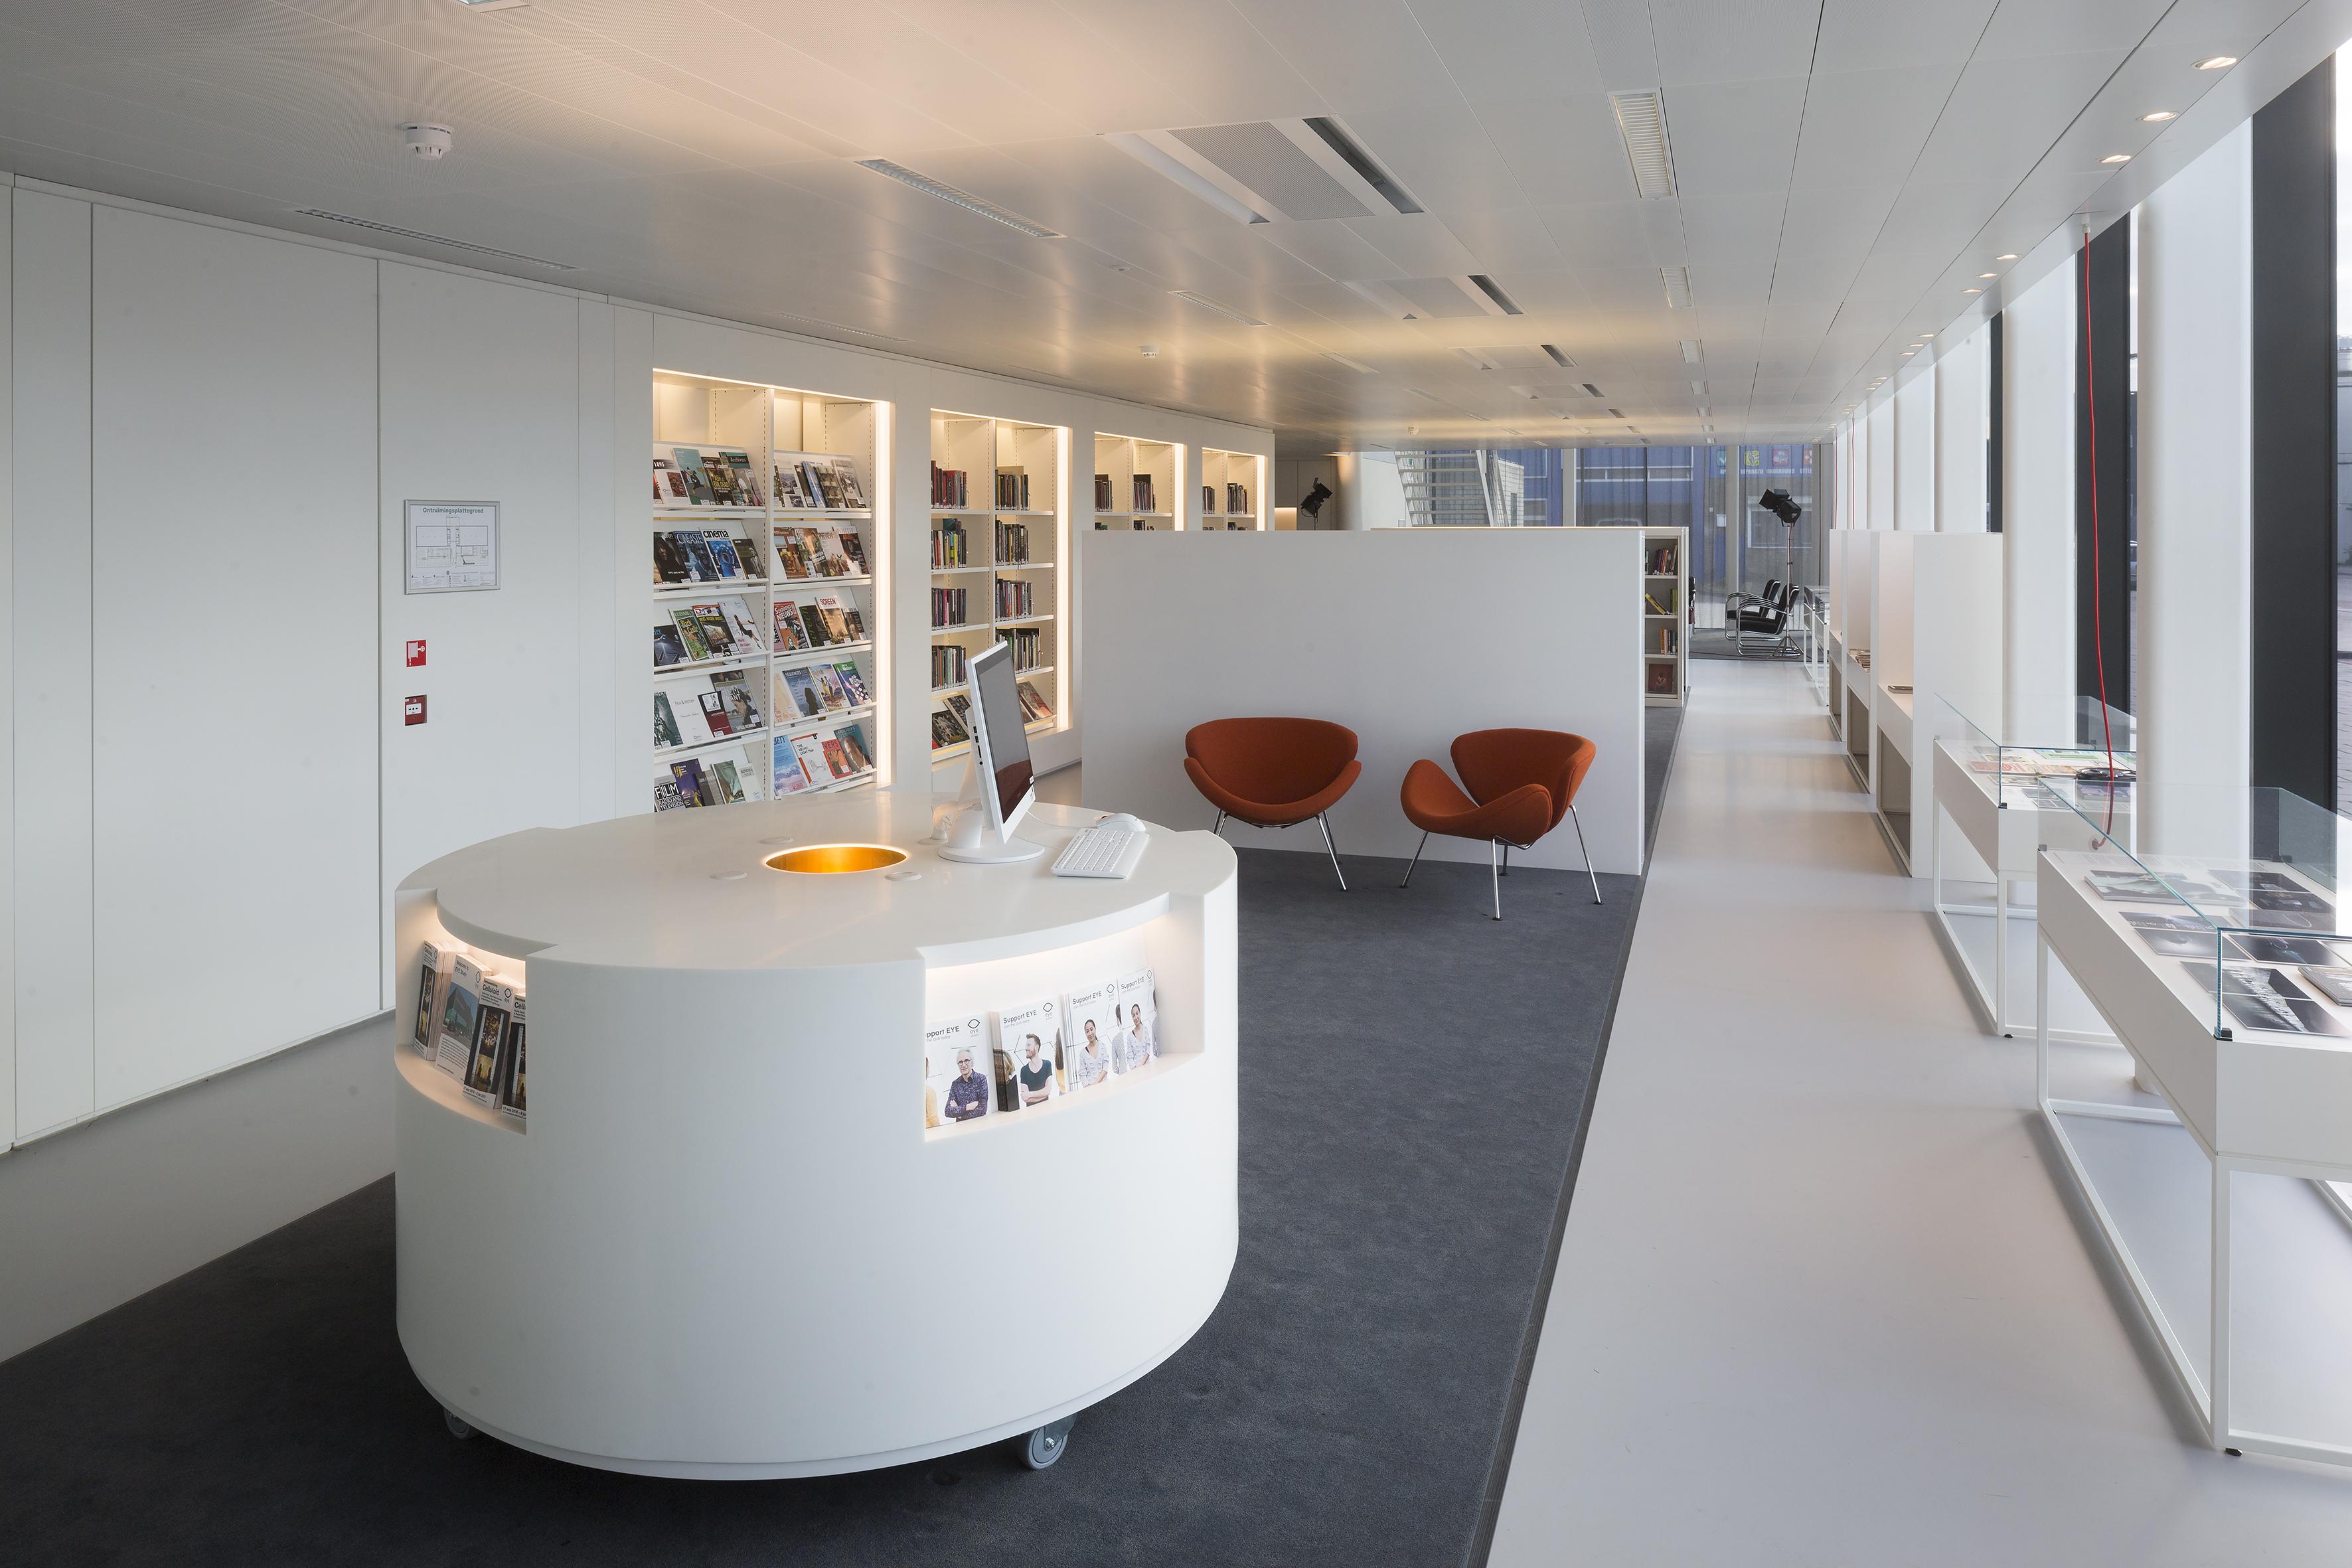 <p>Ontvangst – zone waarin de tijdschriften, balie, fauteuiltjes Orange Slice en vitrines, waarin de pluriforme wereld van Eye getoond wordt. Foto: Luuk Kramer</p>